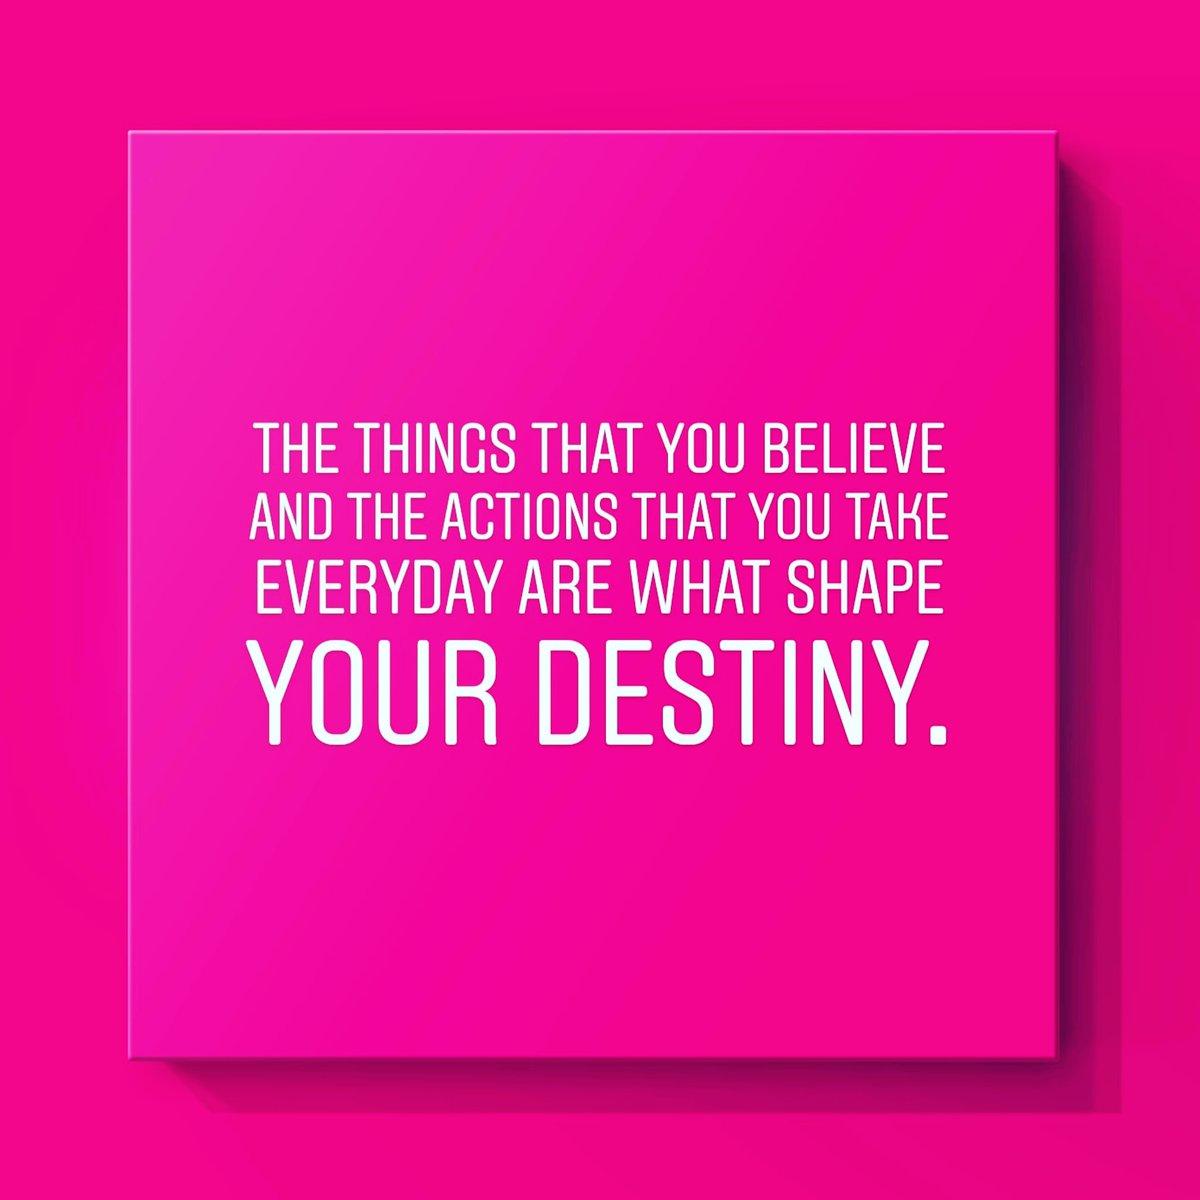 THE TGINGS THAT YOU BELIEVE AND THE ACTIONS THAT YOU TAKE EVERYDAY ARE WHAT SHAPE YOUR DESTINY  . . . . . . #believeinyourself #couragequotes #alwaysbelieveinyourself #motywacja #motywacjadodziałania #rozwojosobisty #pozytywnemyslenie  #coachingtrojmiasto #lifecoachingpic.twitter.com/gUC0AOstk3